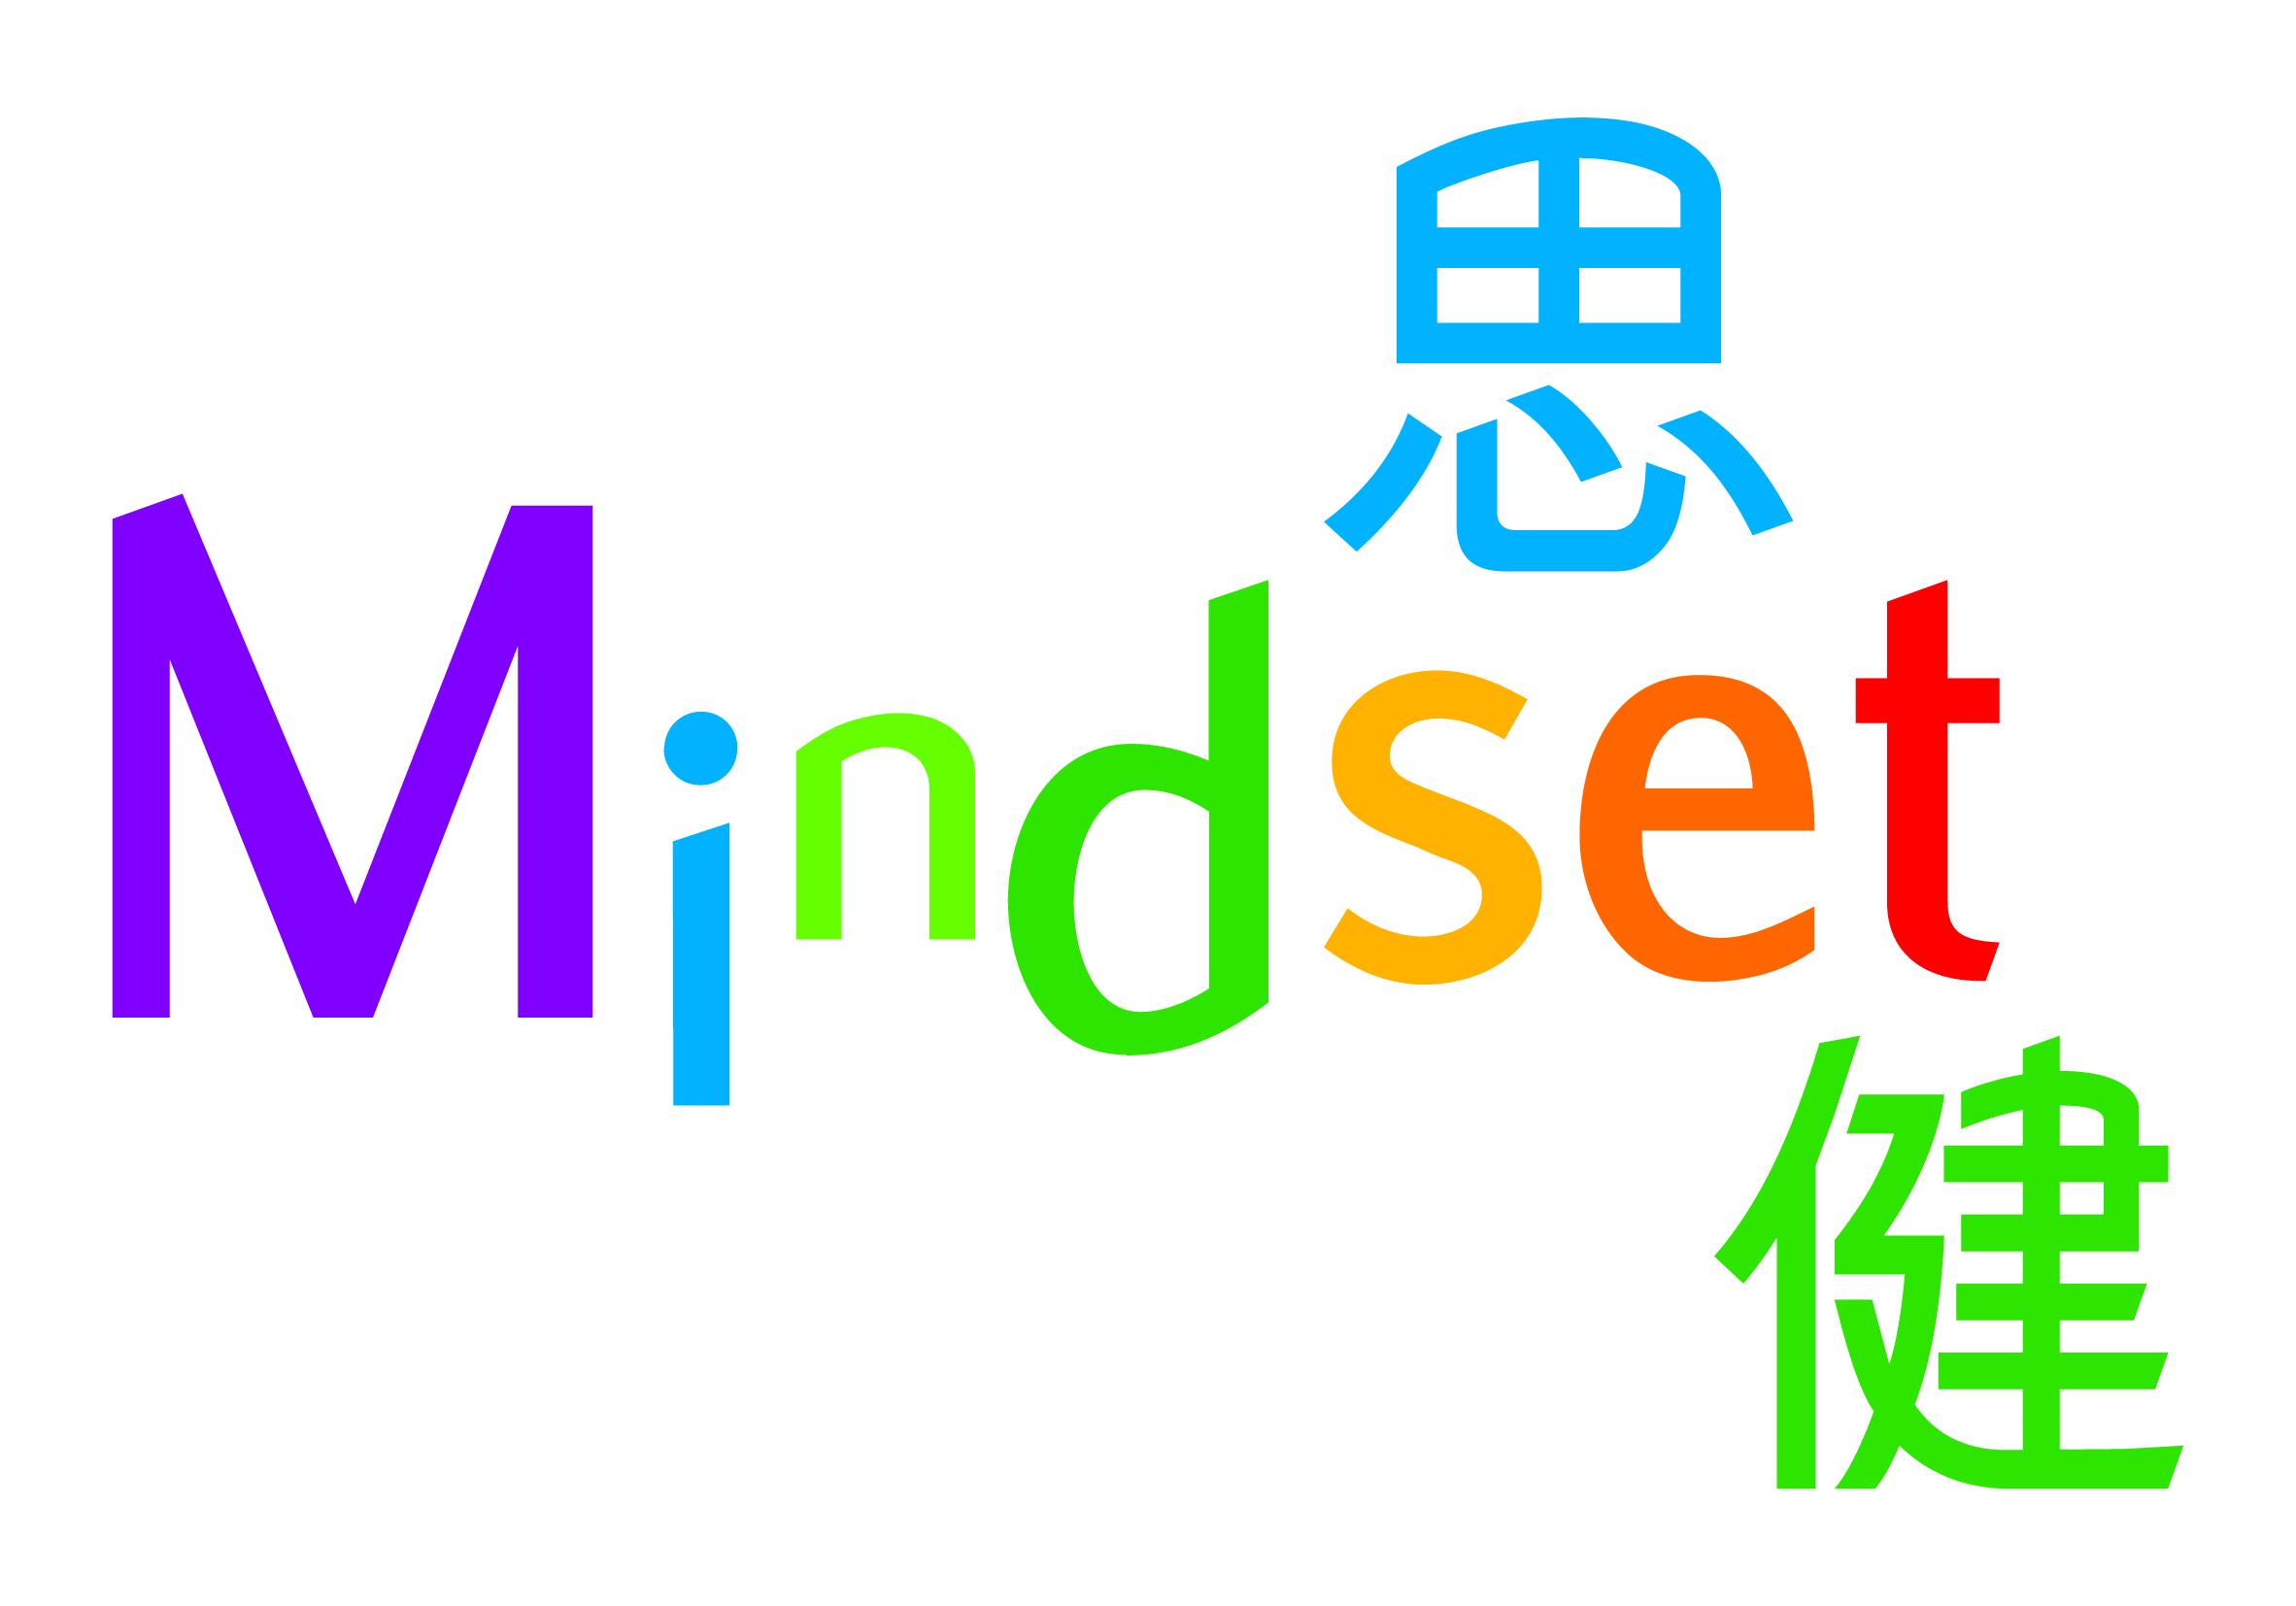 https://www.coolmindshk.com/wp-content/uploads/2020/08/MINDSET_Master-Logo_1911_4C.jpg